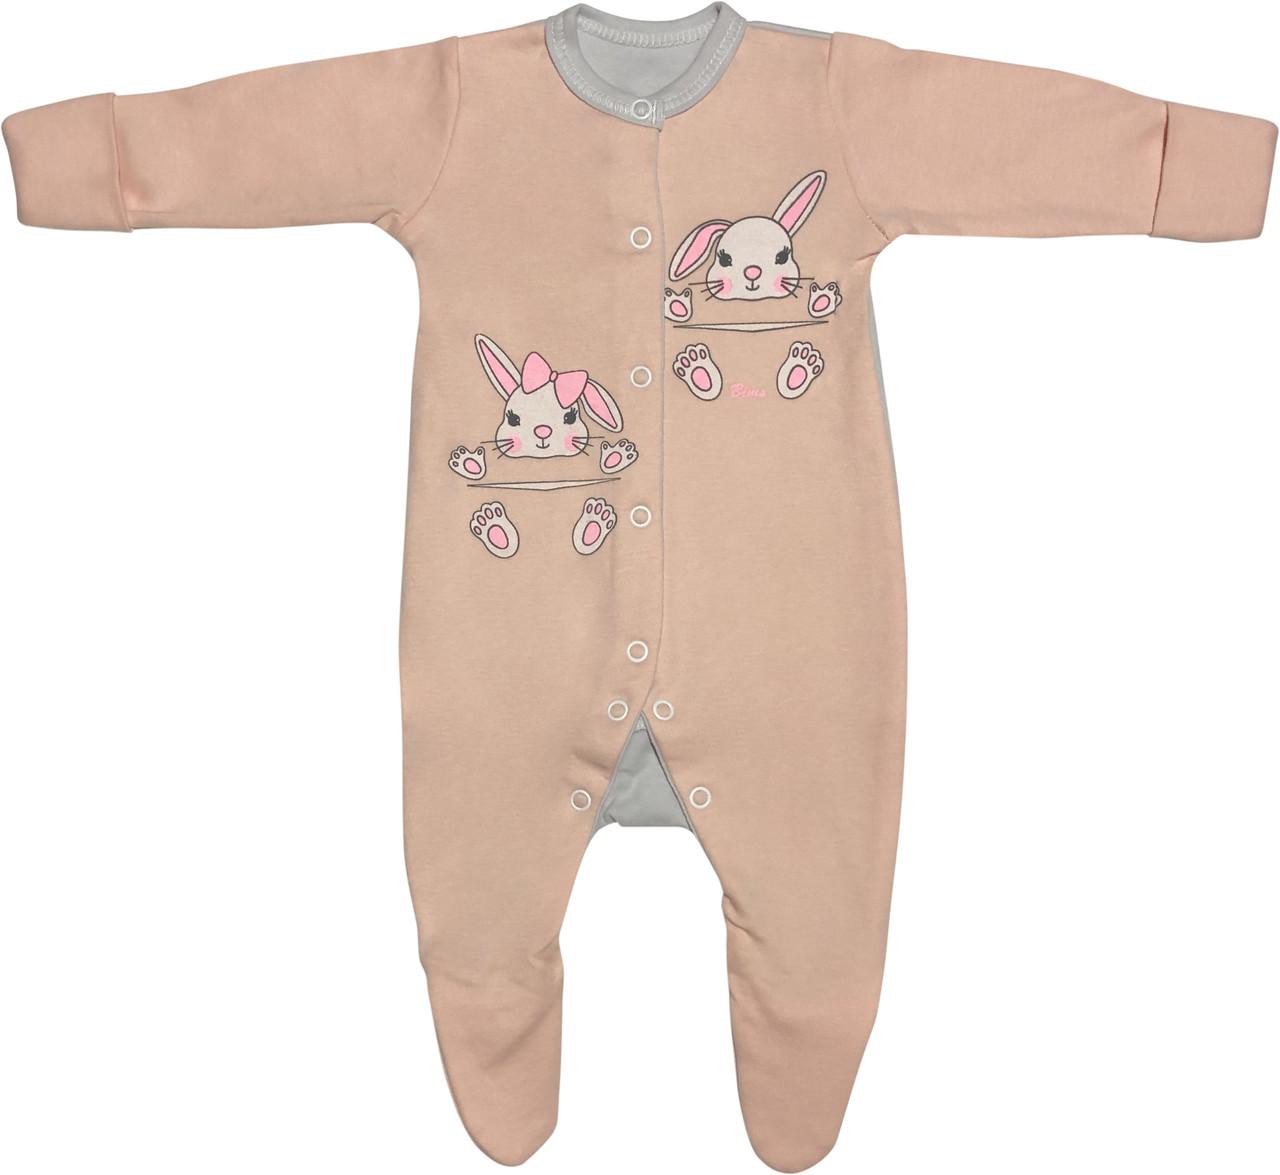 Человечек на девочку рост 56 0-2 мес для новорожденных слип с закрытыми ручками царапками трикотаж персиковый